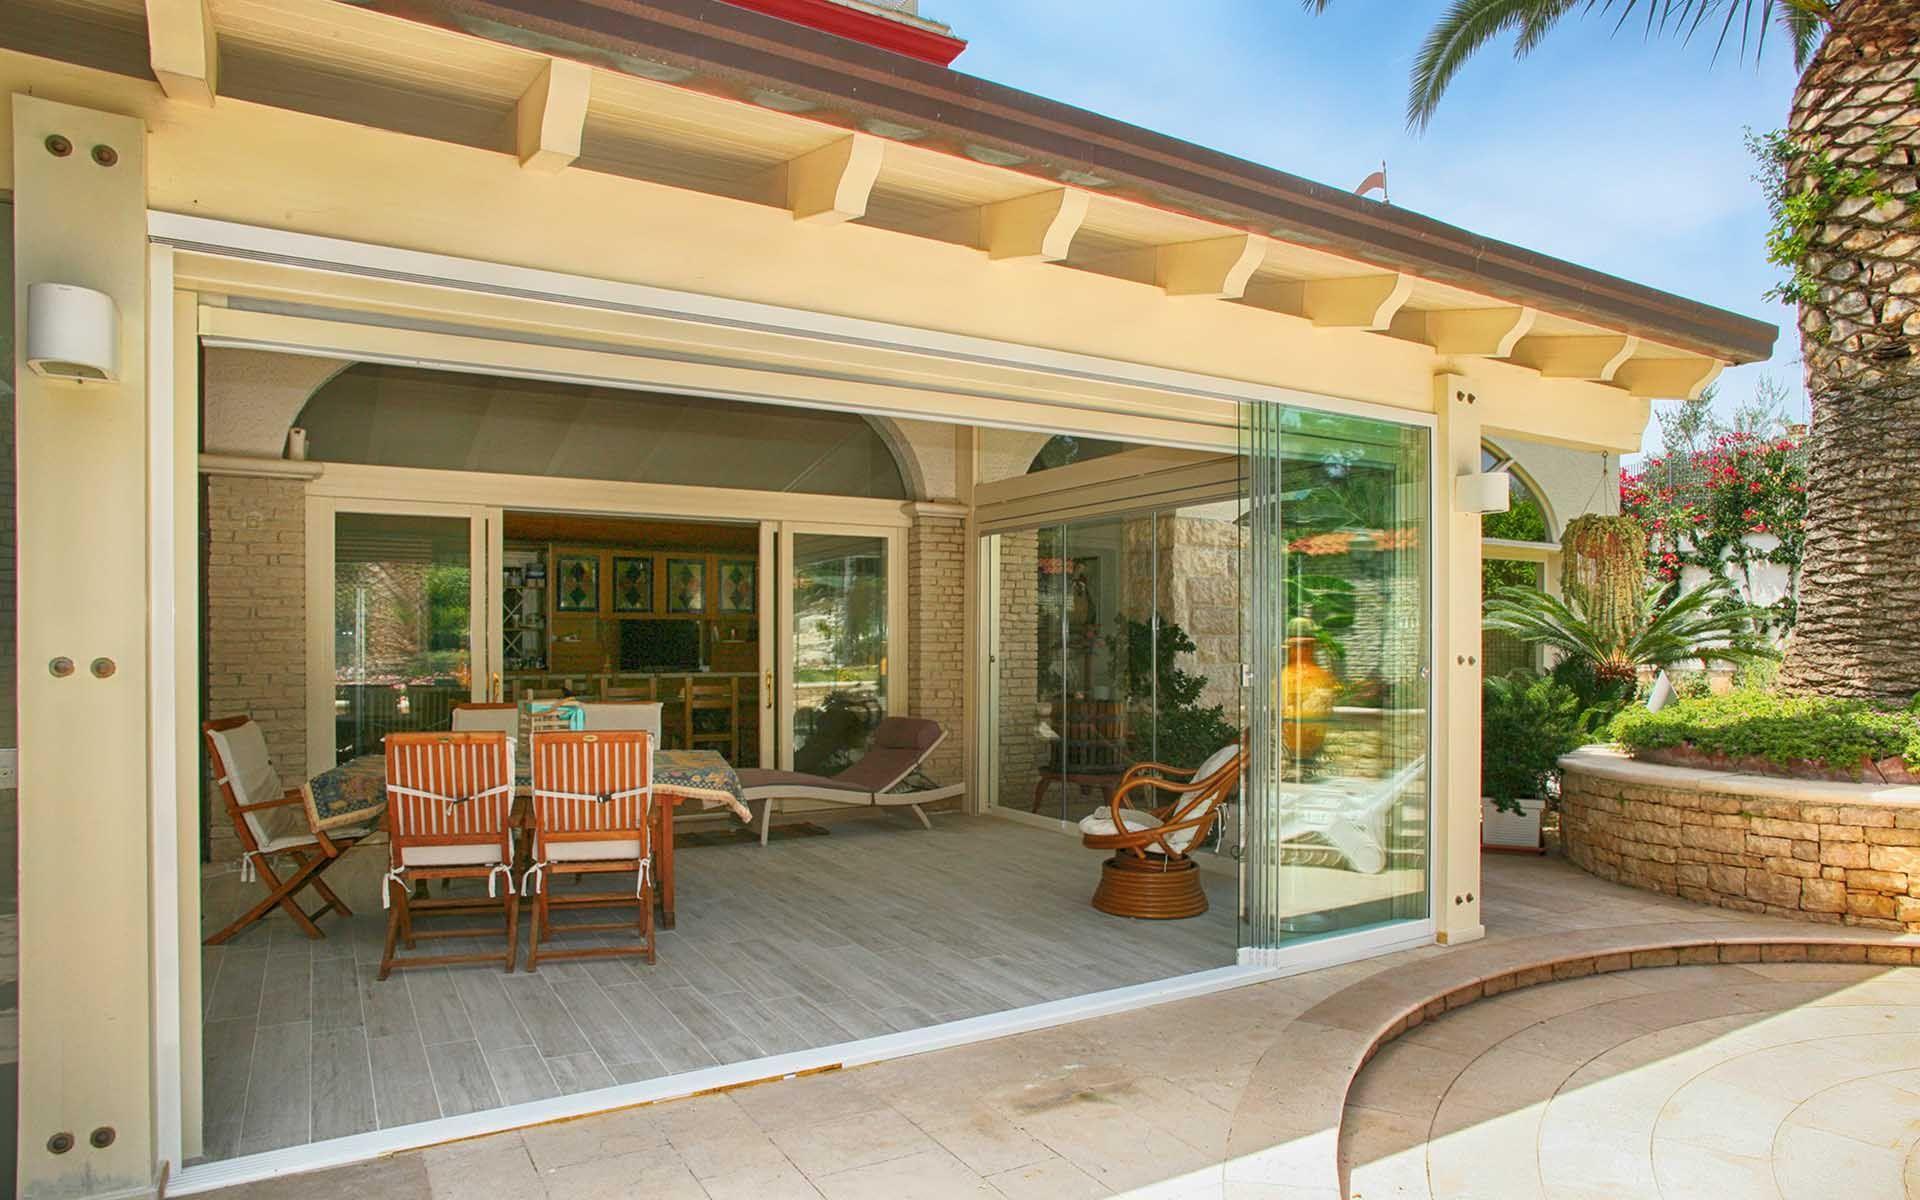 Mobili Terrazzo ~ Chiudere una veranda o balcone senza richiedere permessi oggi è